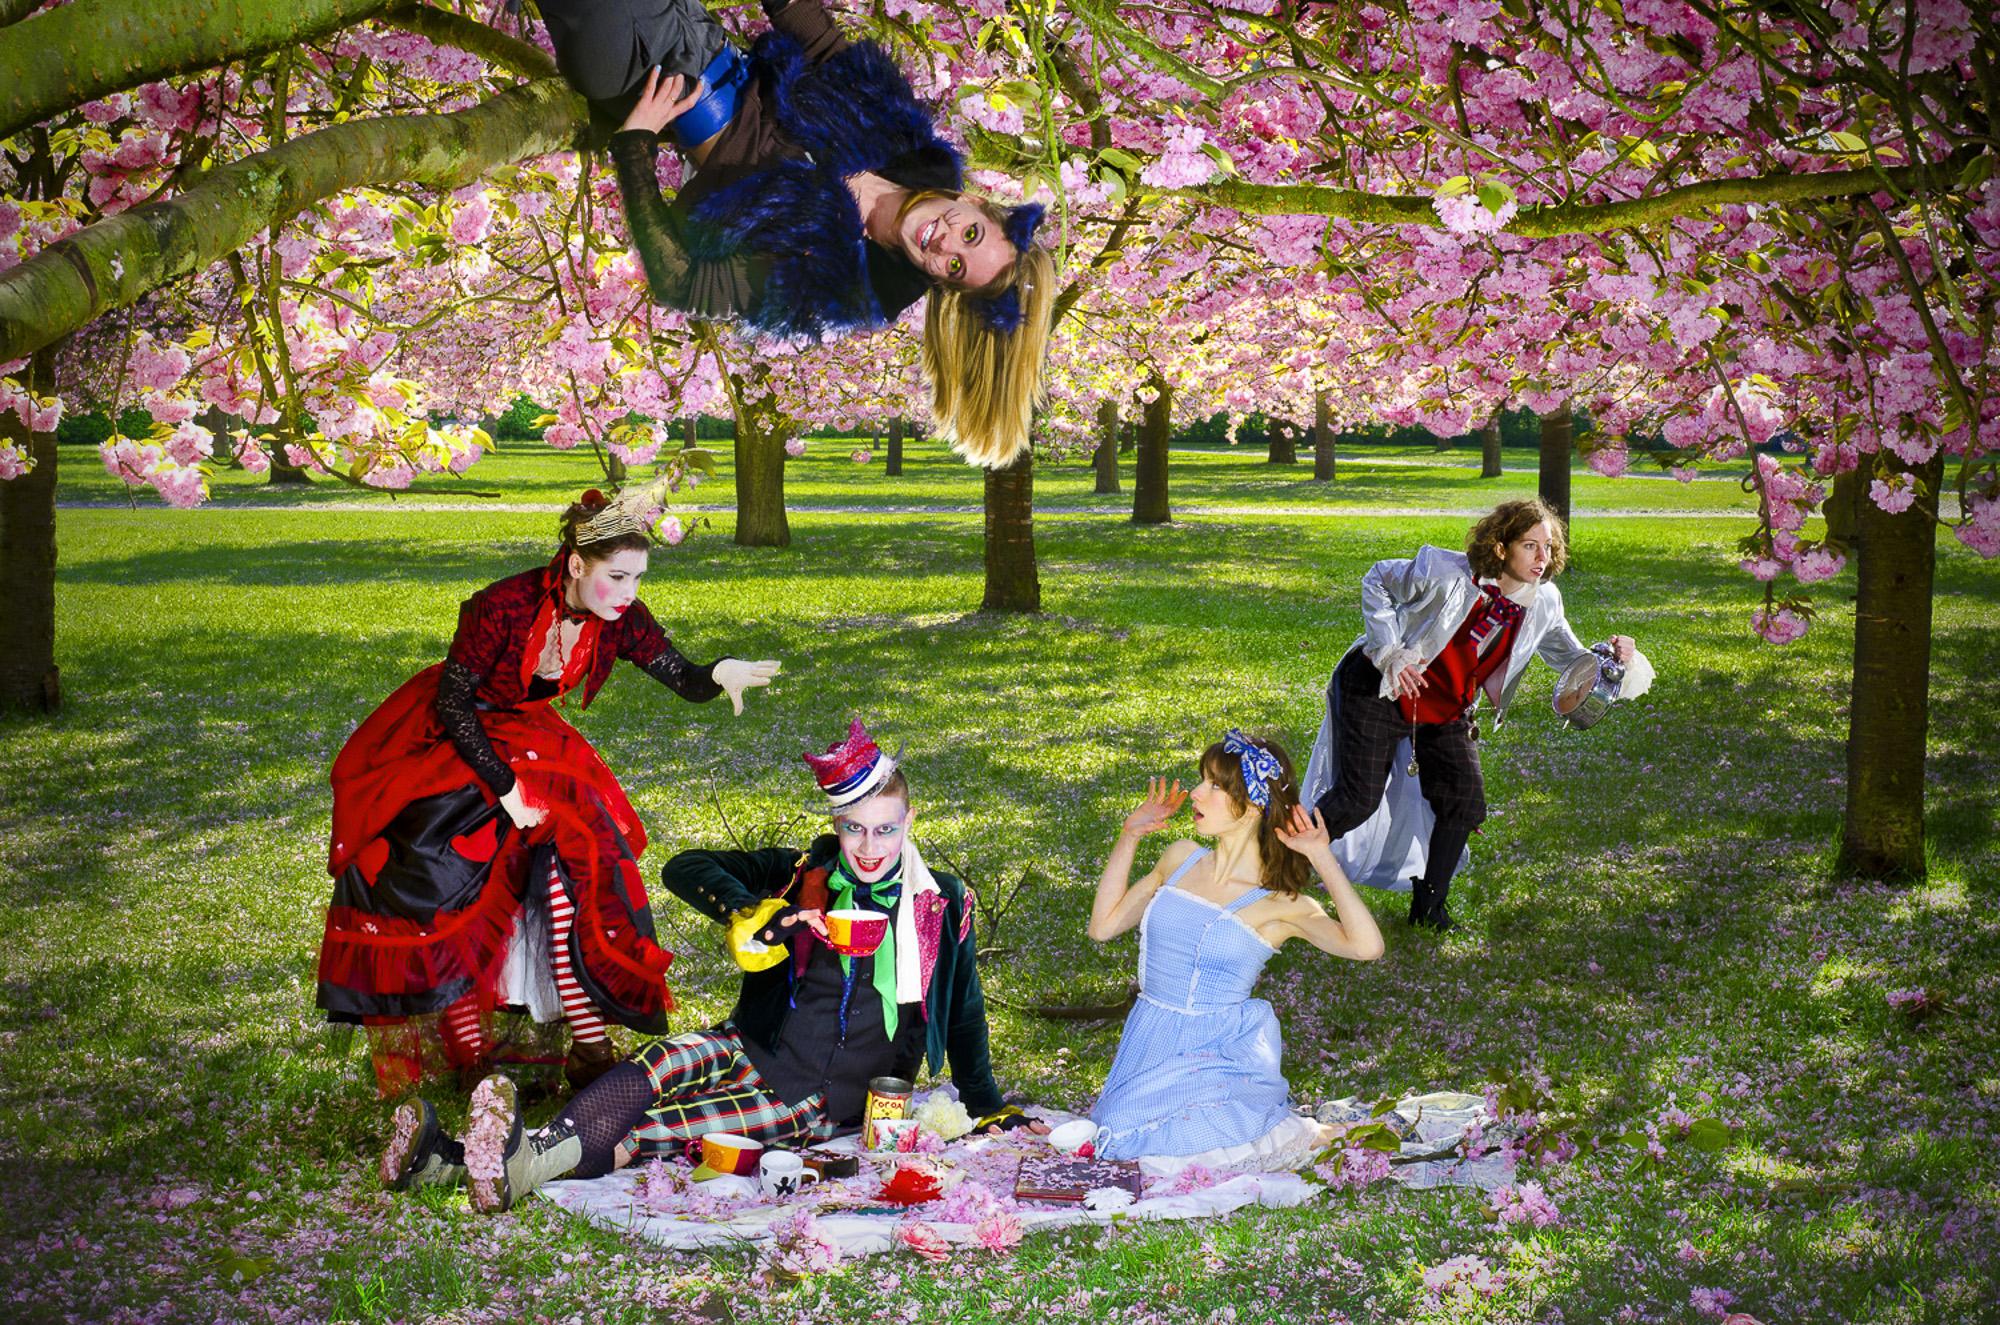 Parc de Sceaux, Paris  PHOTOGRAPHY: Alexander J.E. Bradley • NIKON D7000 • AF-S NIKKOR 24-70MM ƒ/2.8G ED @ 70MM • ƒ/10 • 1/60 • ISO 100